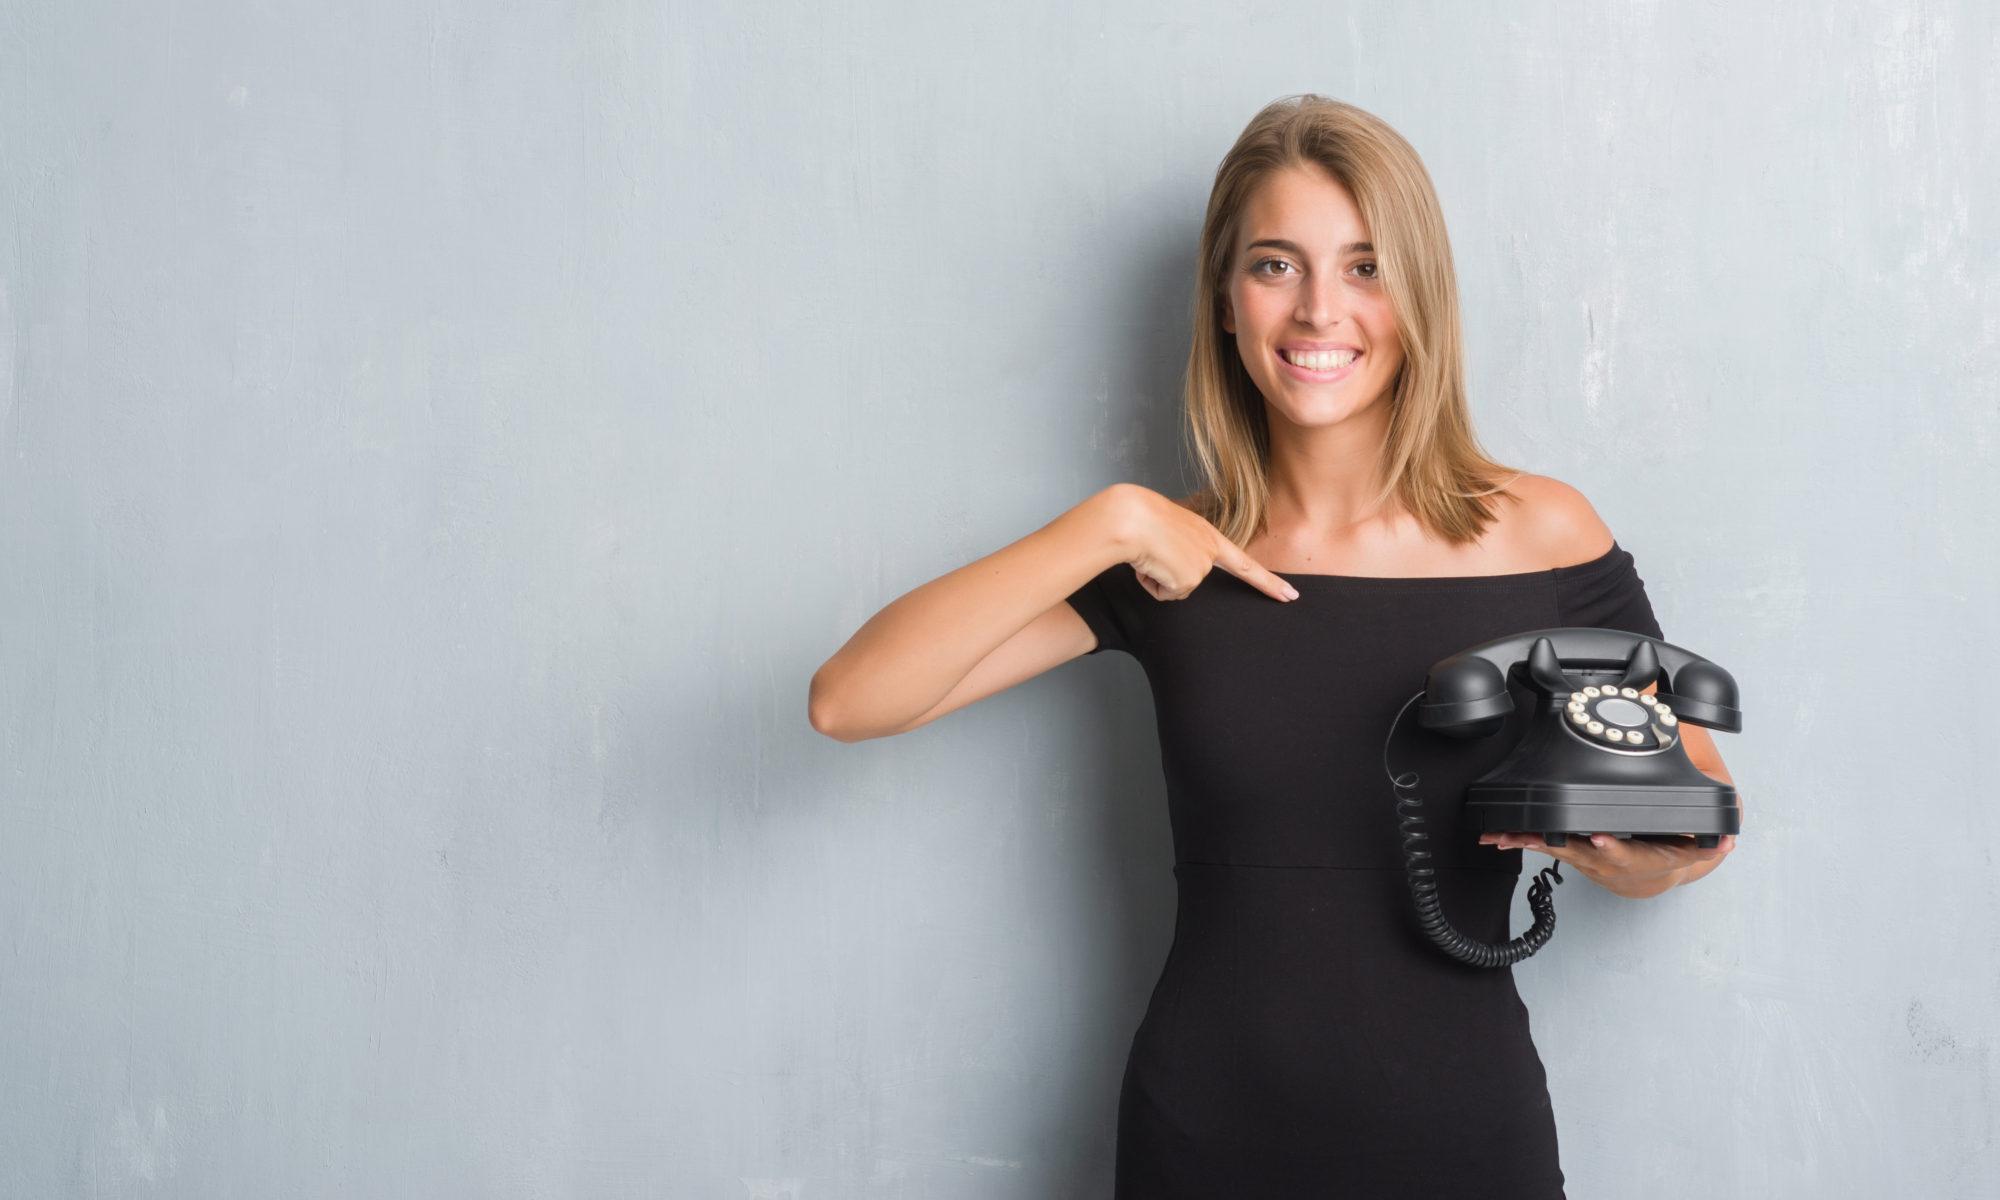 Dziewczyna w czarnej sukience z telefonem stacjonarnym w stylu retro